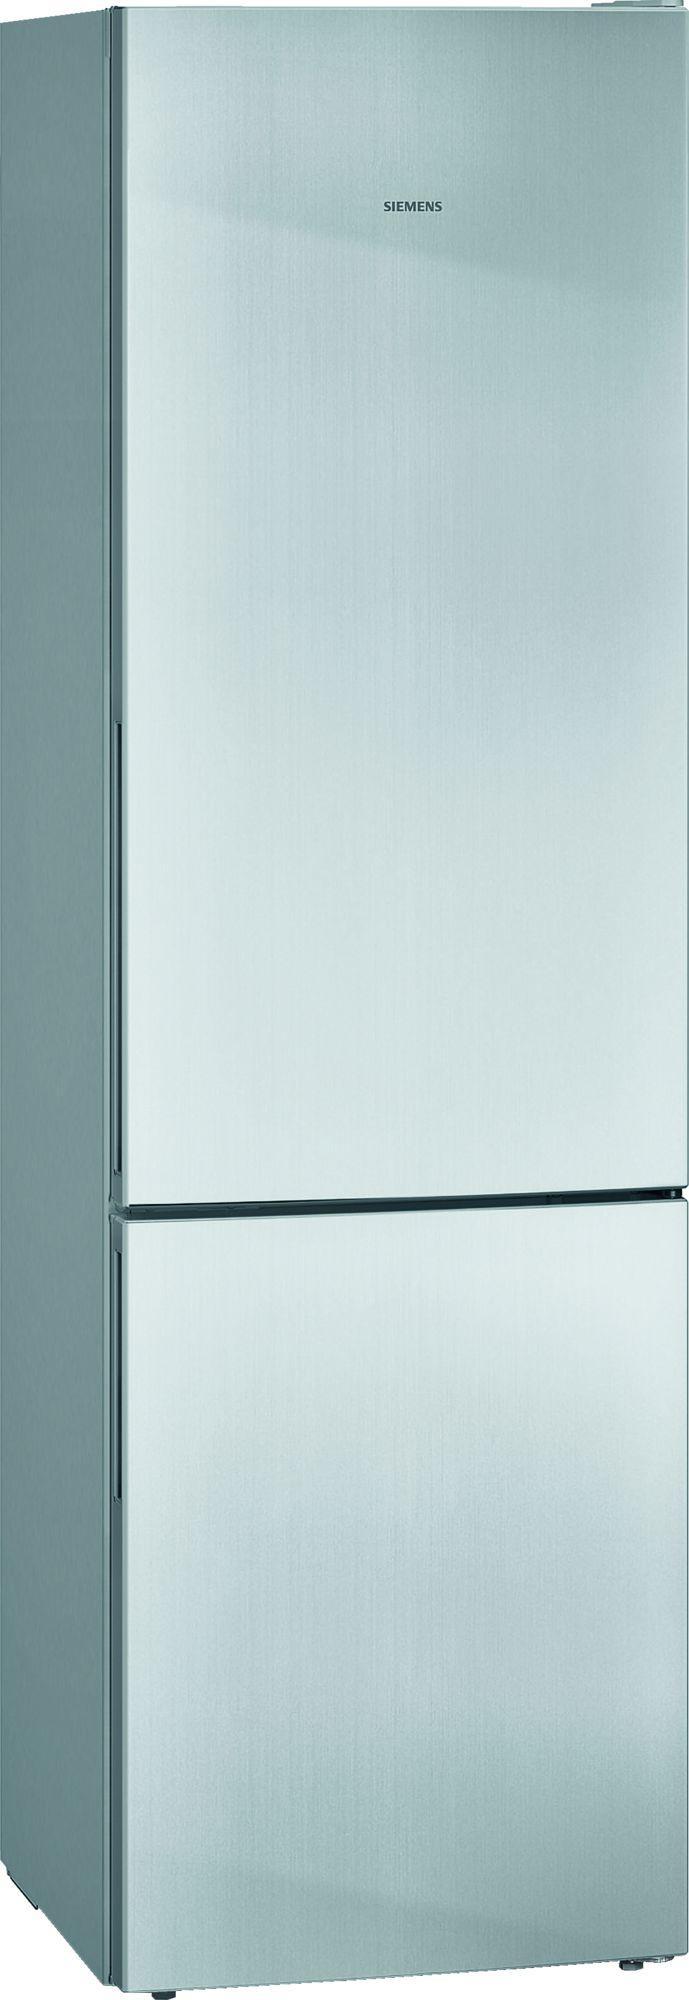 Image of iQ300 KG39VVIEAG 60cm 342 Litre Low Frost Fridge Freezer | Silver Innox